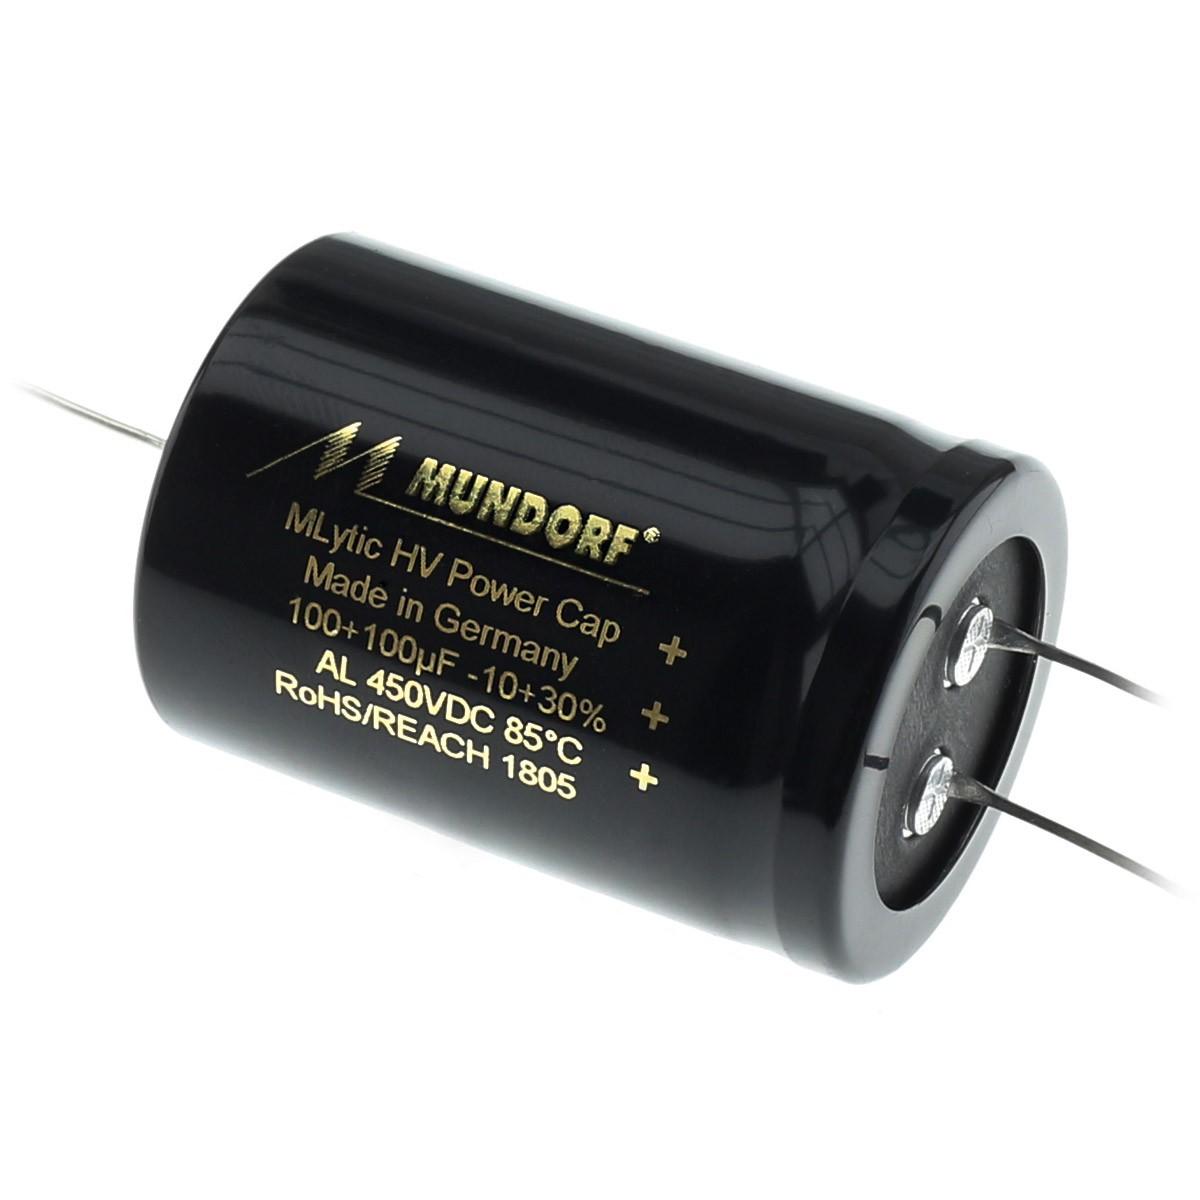 MUNDORF MLYTIC HV Capacitor 450V 100 + 100μF